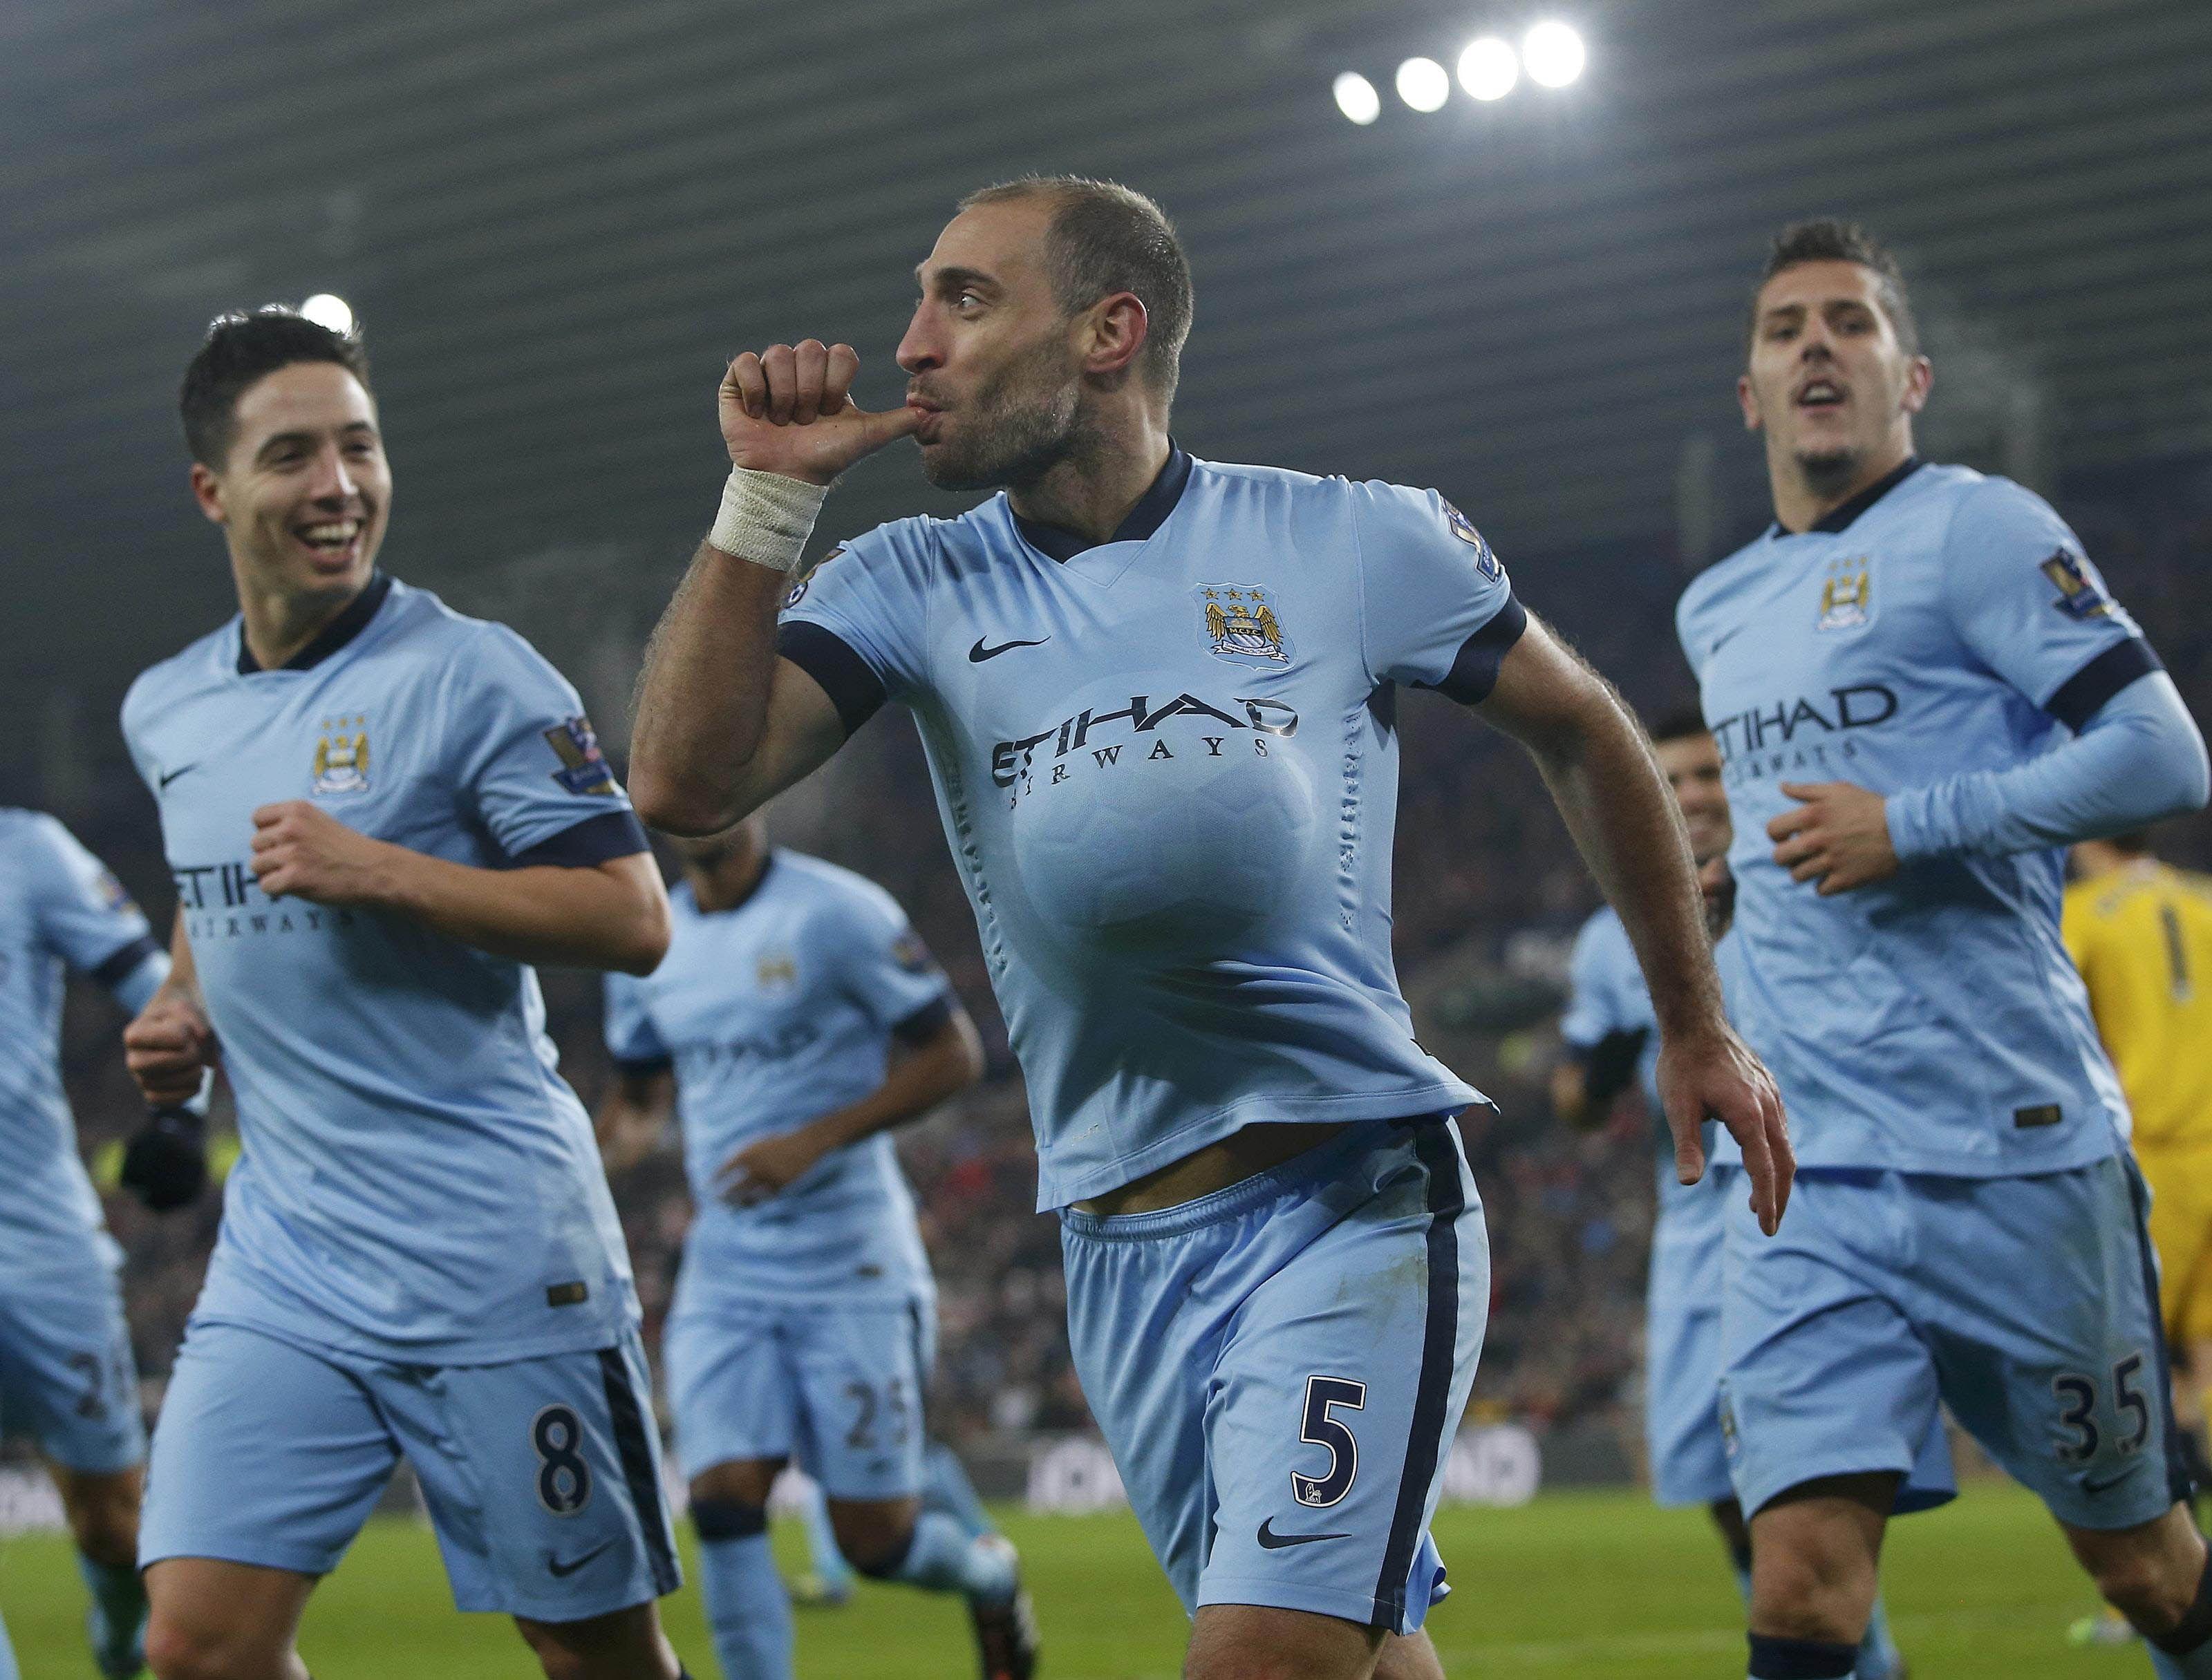 El festejo. El lateral derecho de la selección argentina anotó un gol clave para asegurar la victoria ante Roma.